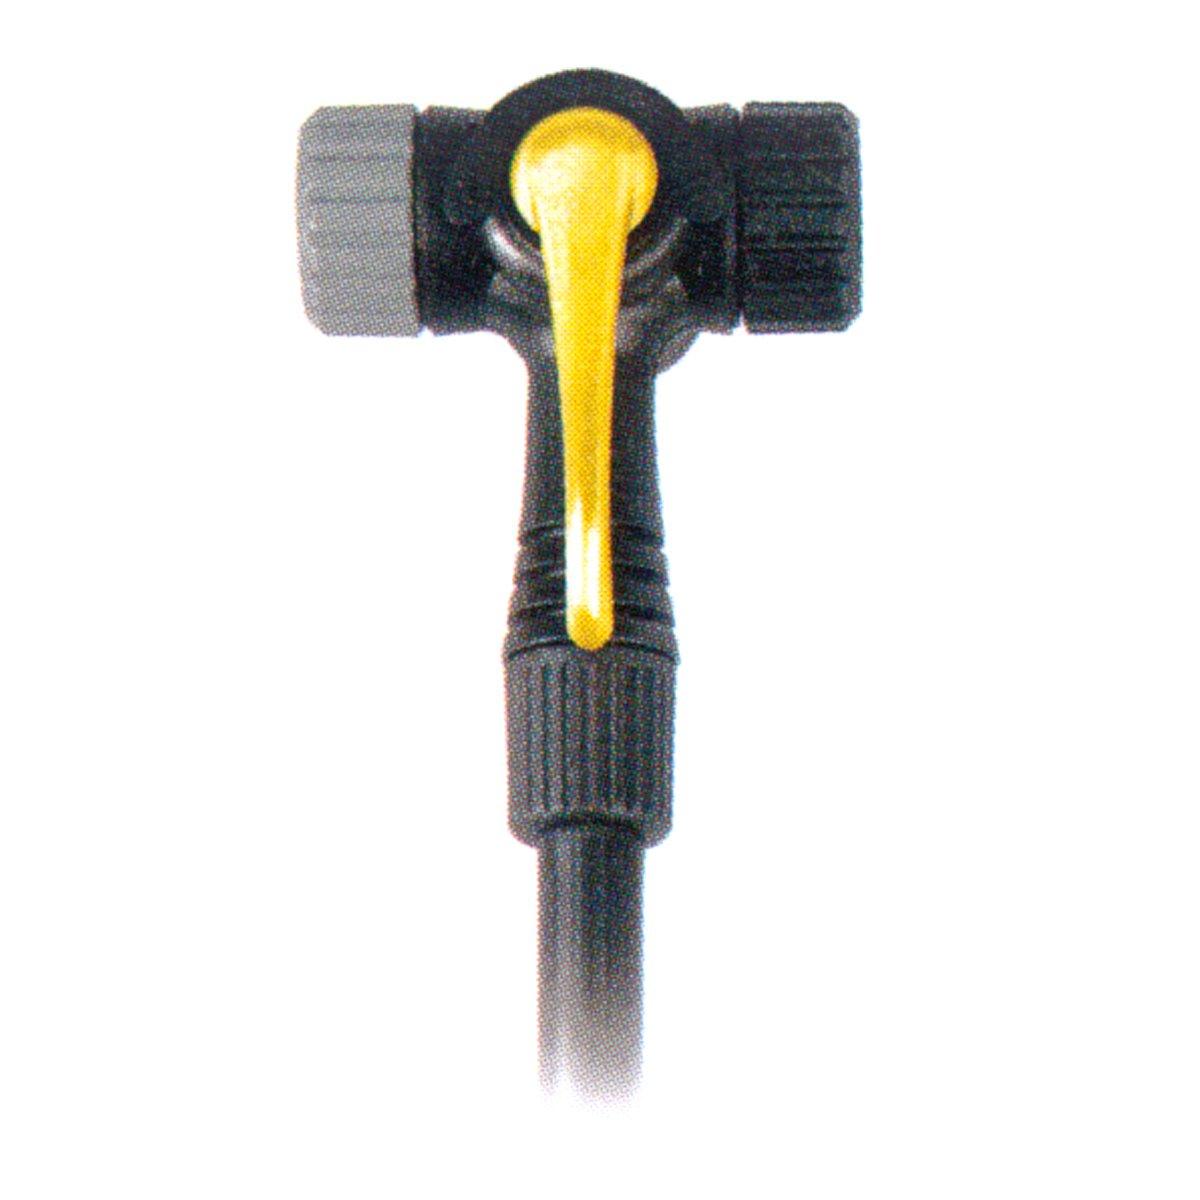 Topeak Twinhead Upgrade - Kit adattatore per pompa a piede